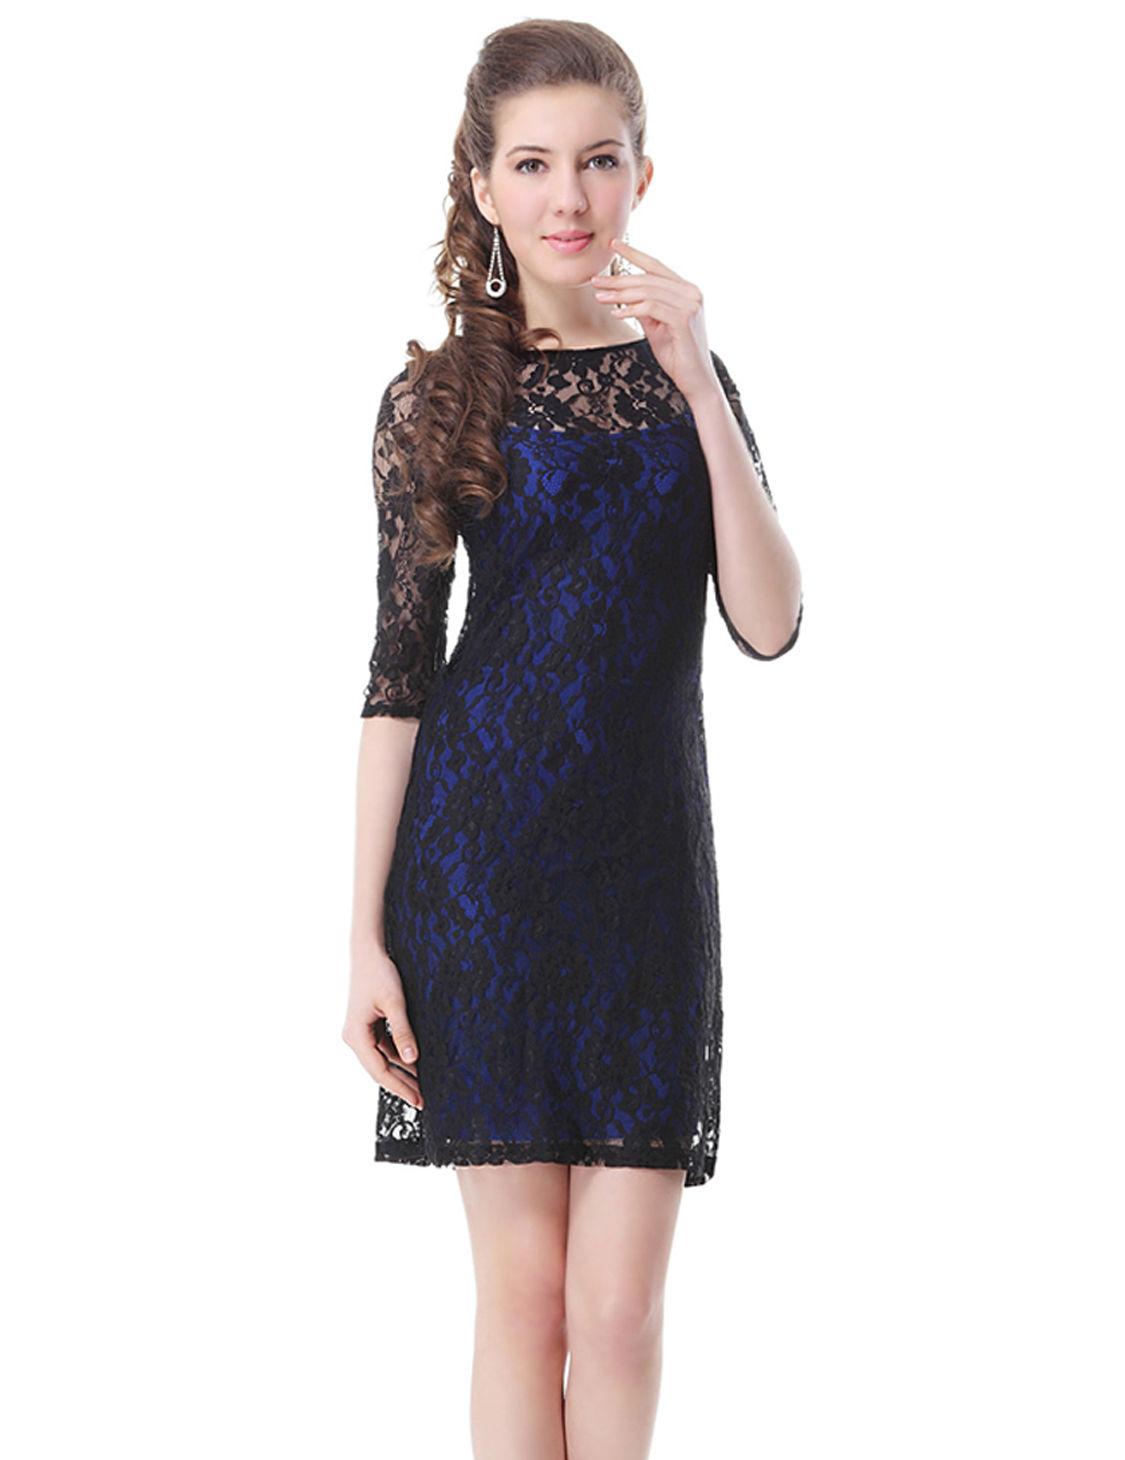 4782158c713a Černé modré krátké krajkové šaty s rukávem koktejlky 36 S ...